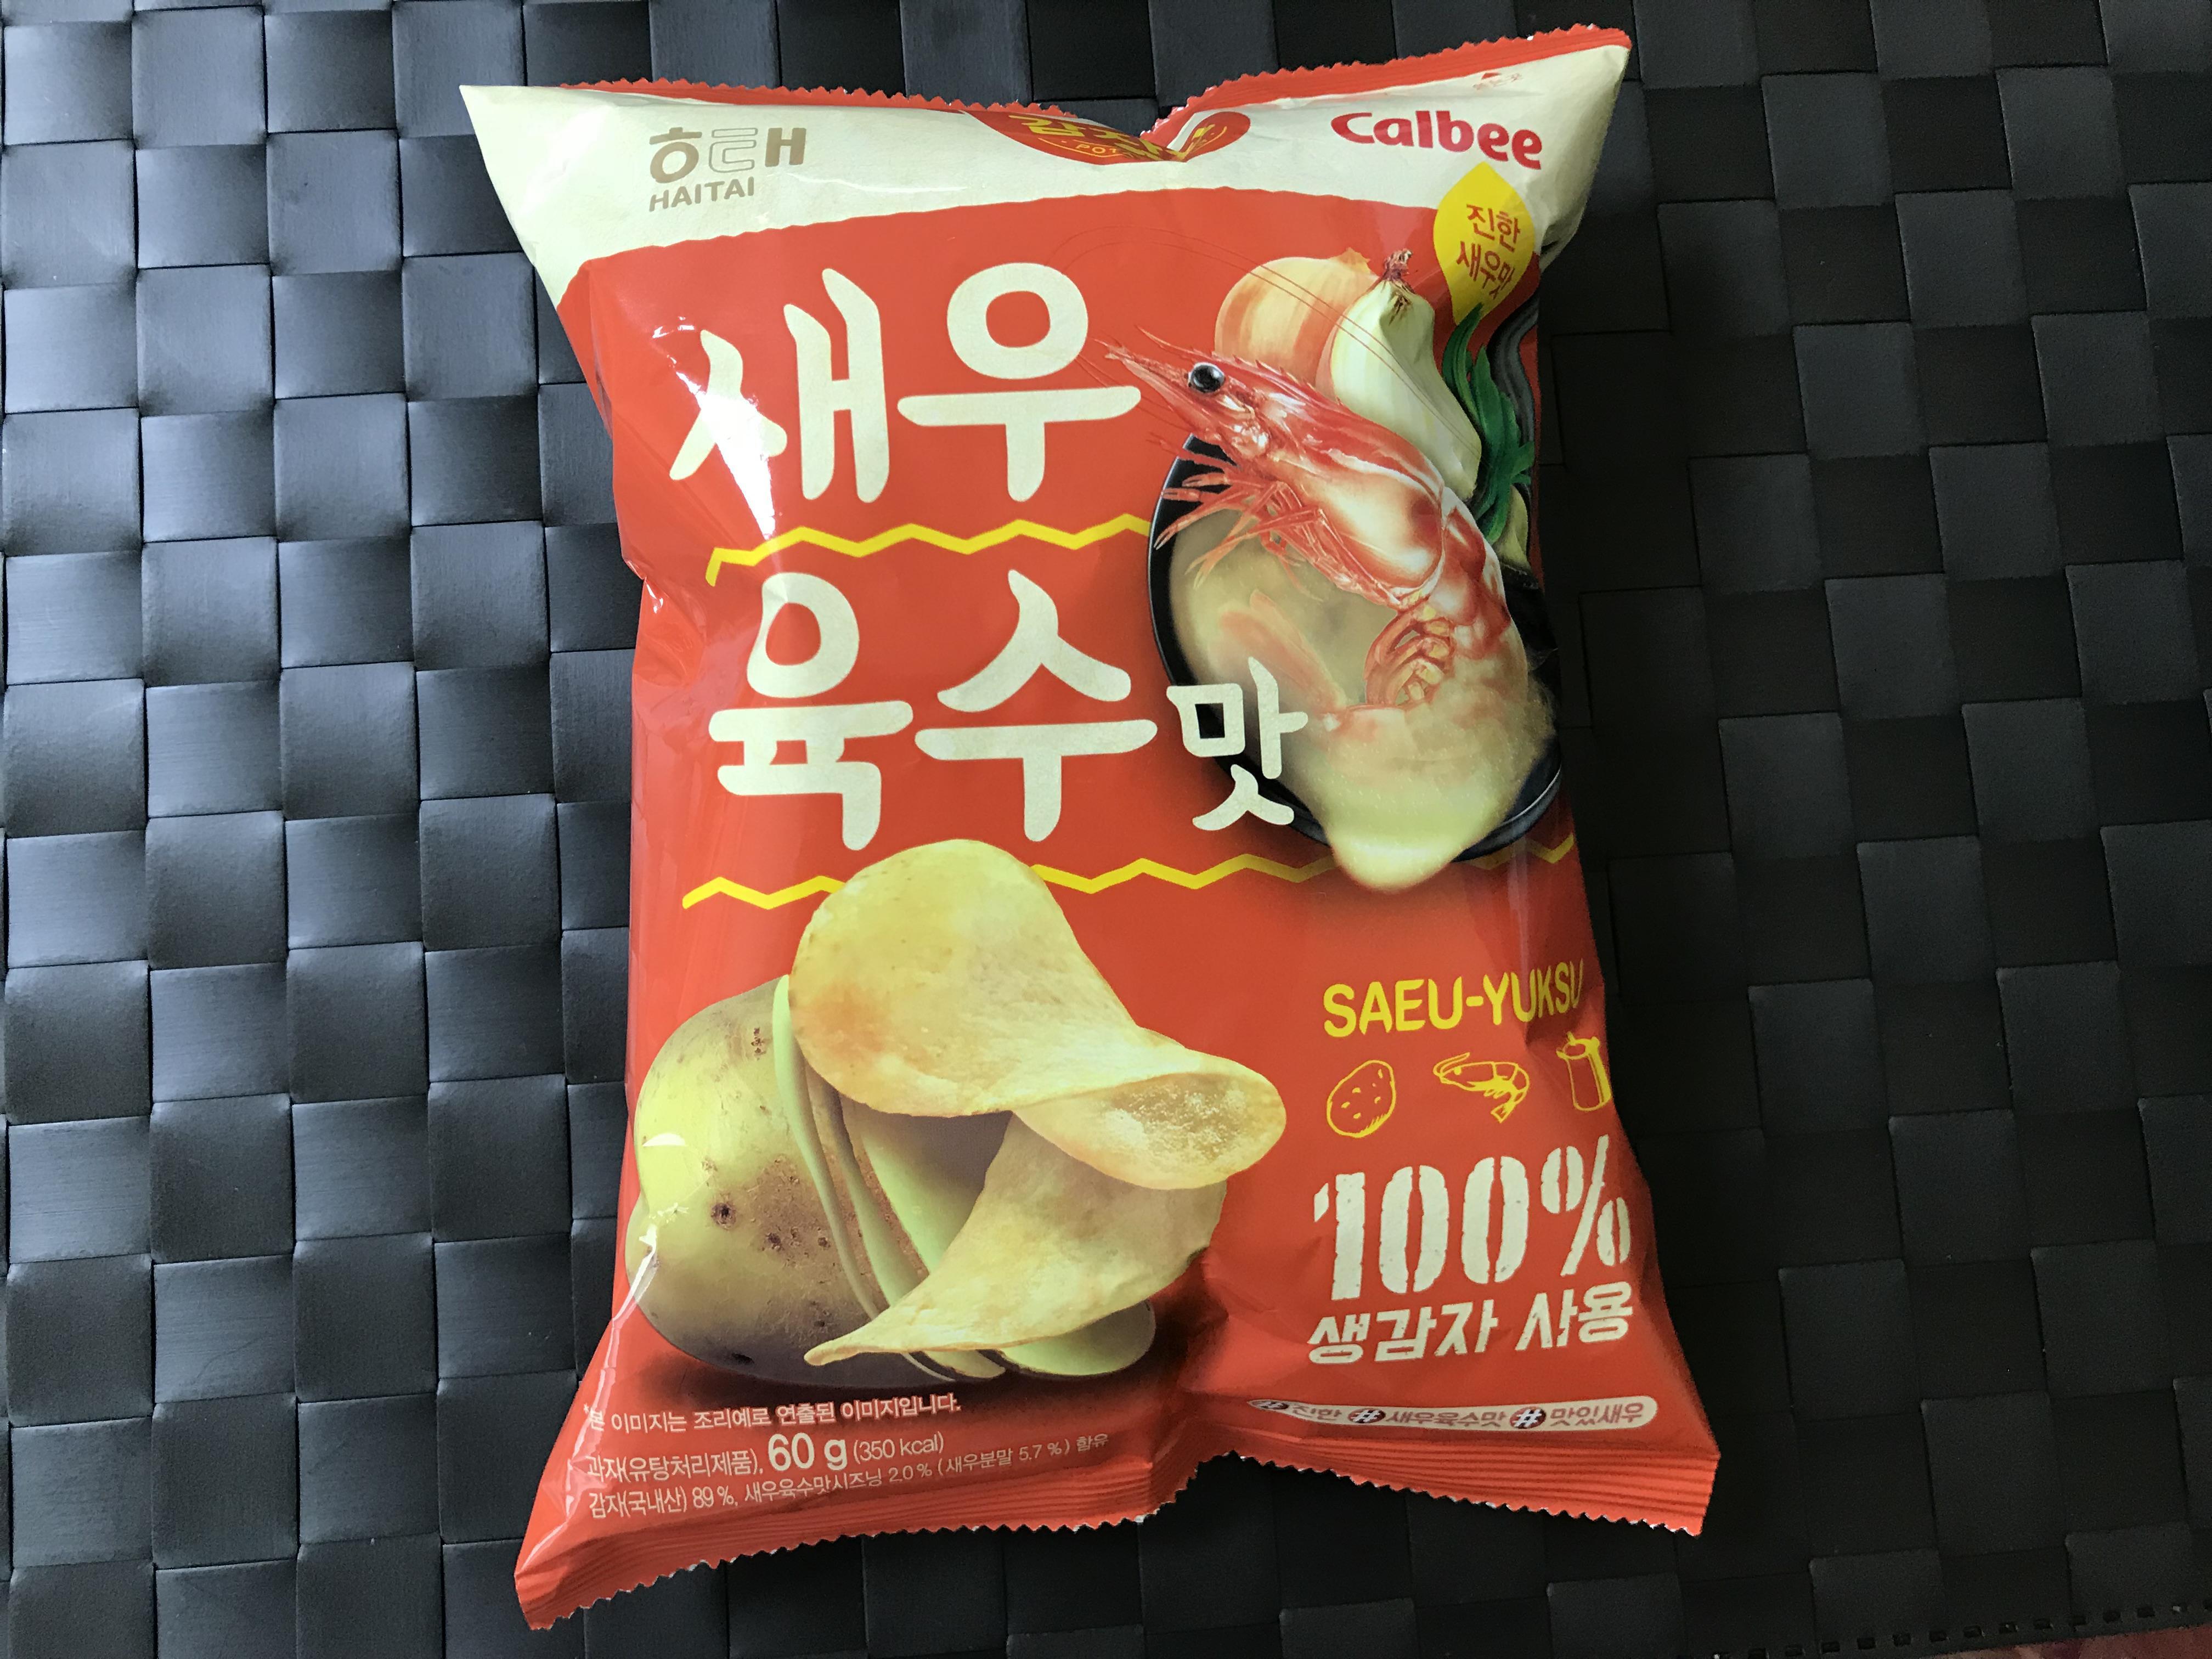 새우맛과 감자칩이 과연 잘 어울릴까, [ㅎ태]Ca..